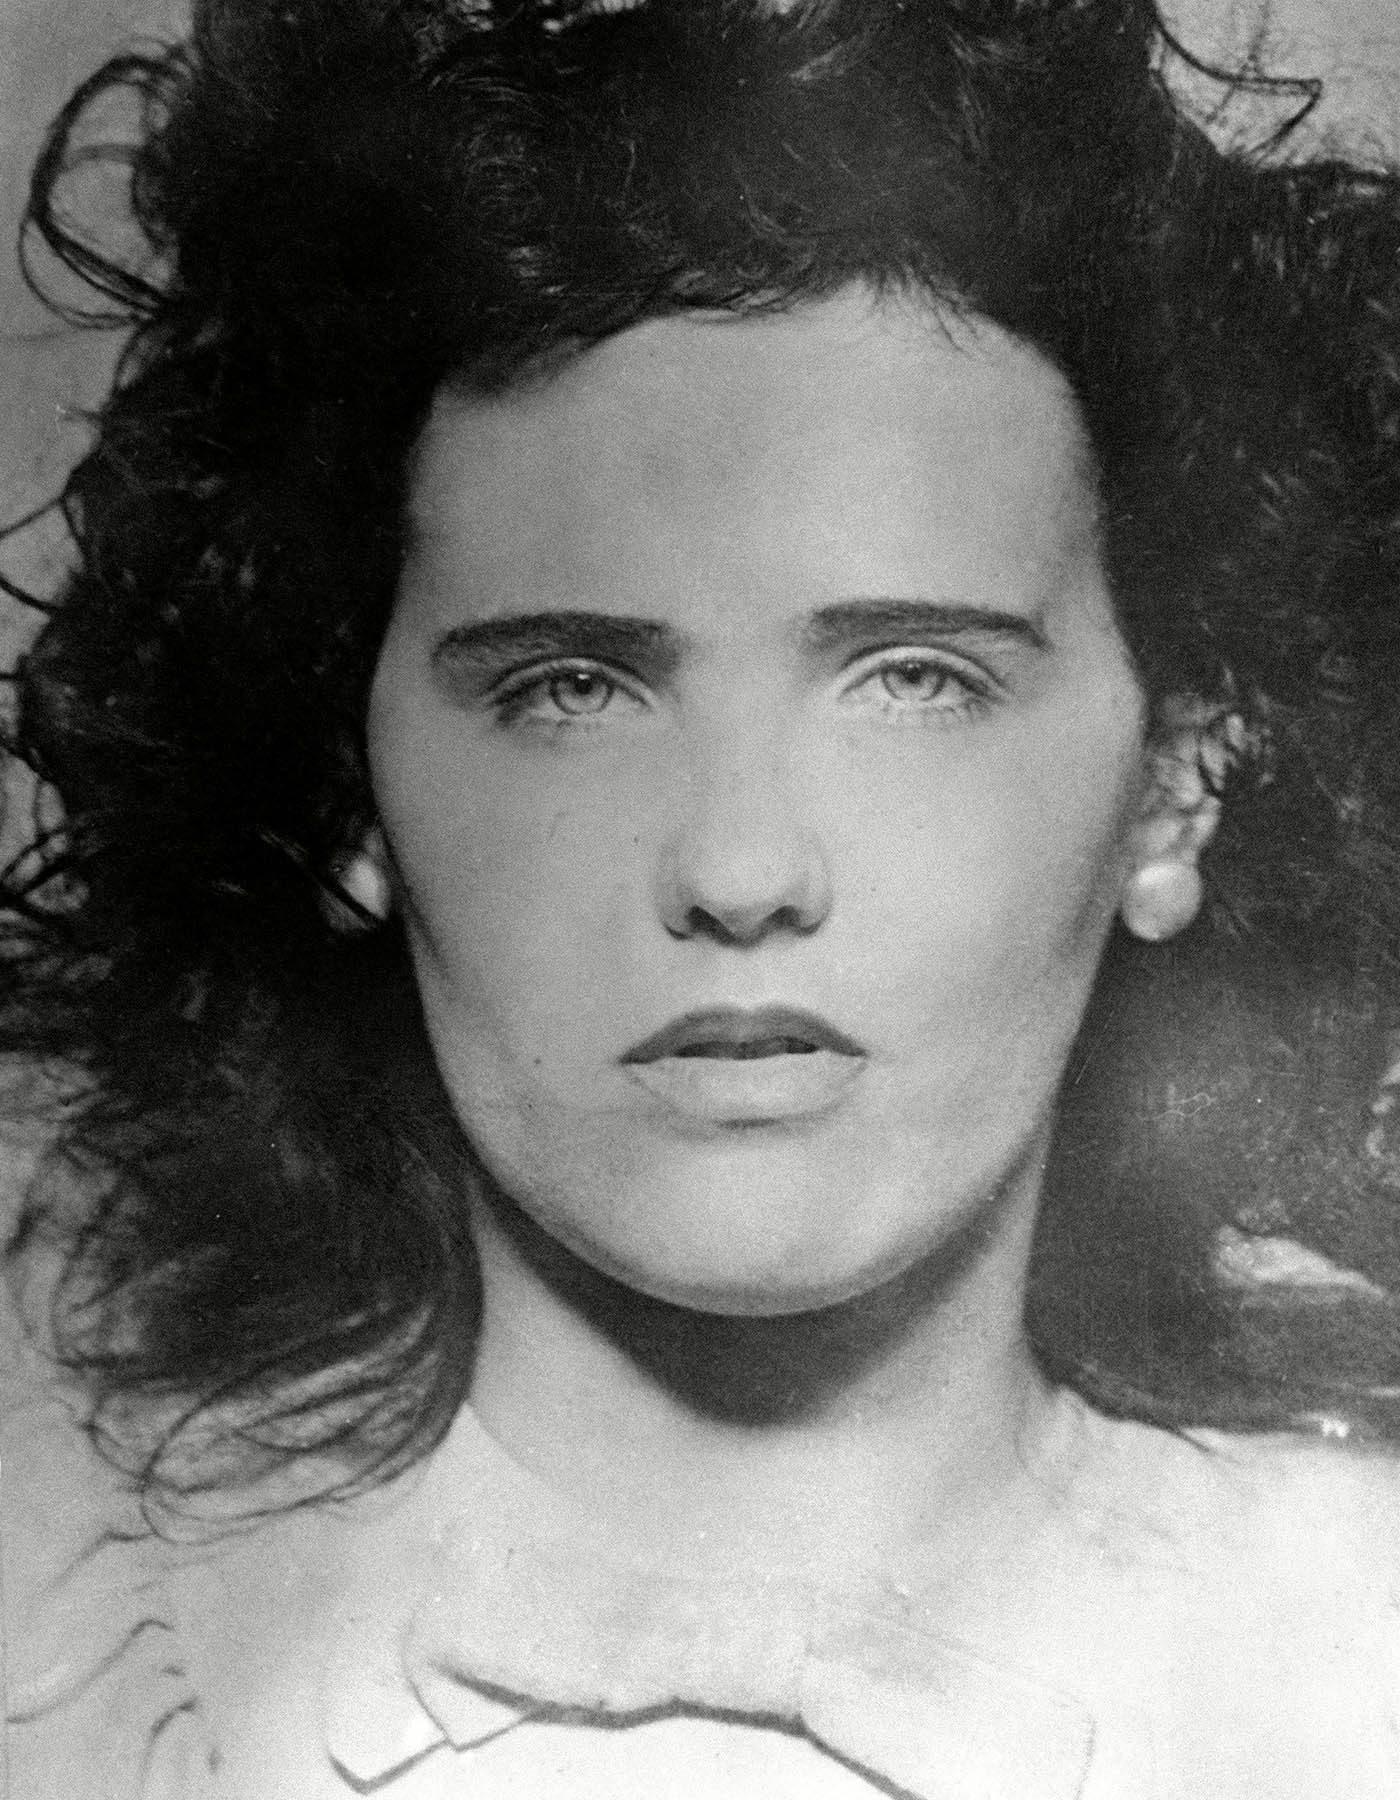 La mort mystérieuse de Elizabeth Short s'inscrit comme l'un des plus anciens et des plus célèbres cas non résolus de la ville de Los Angeles.